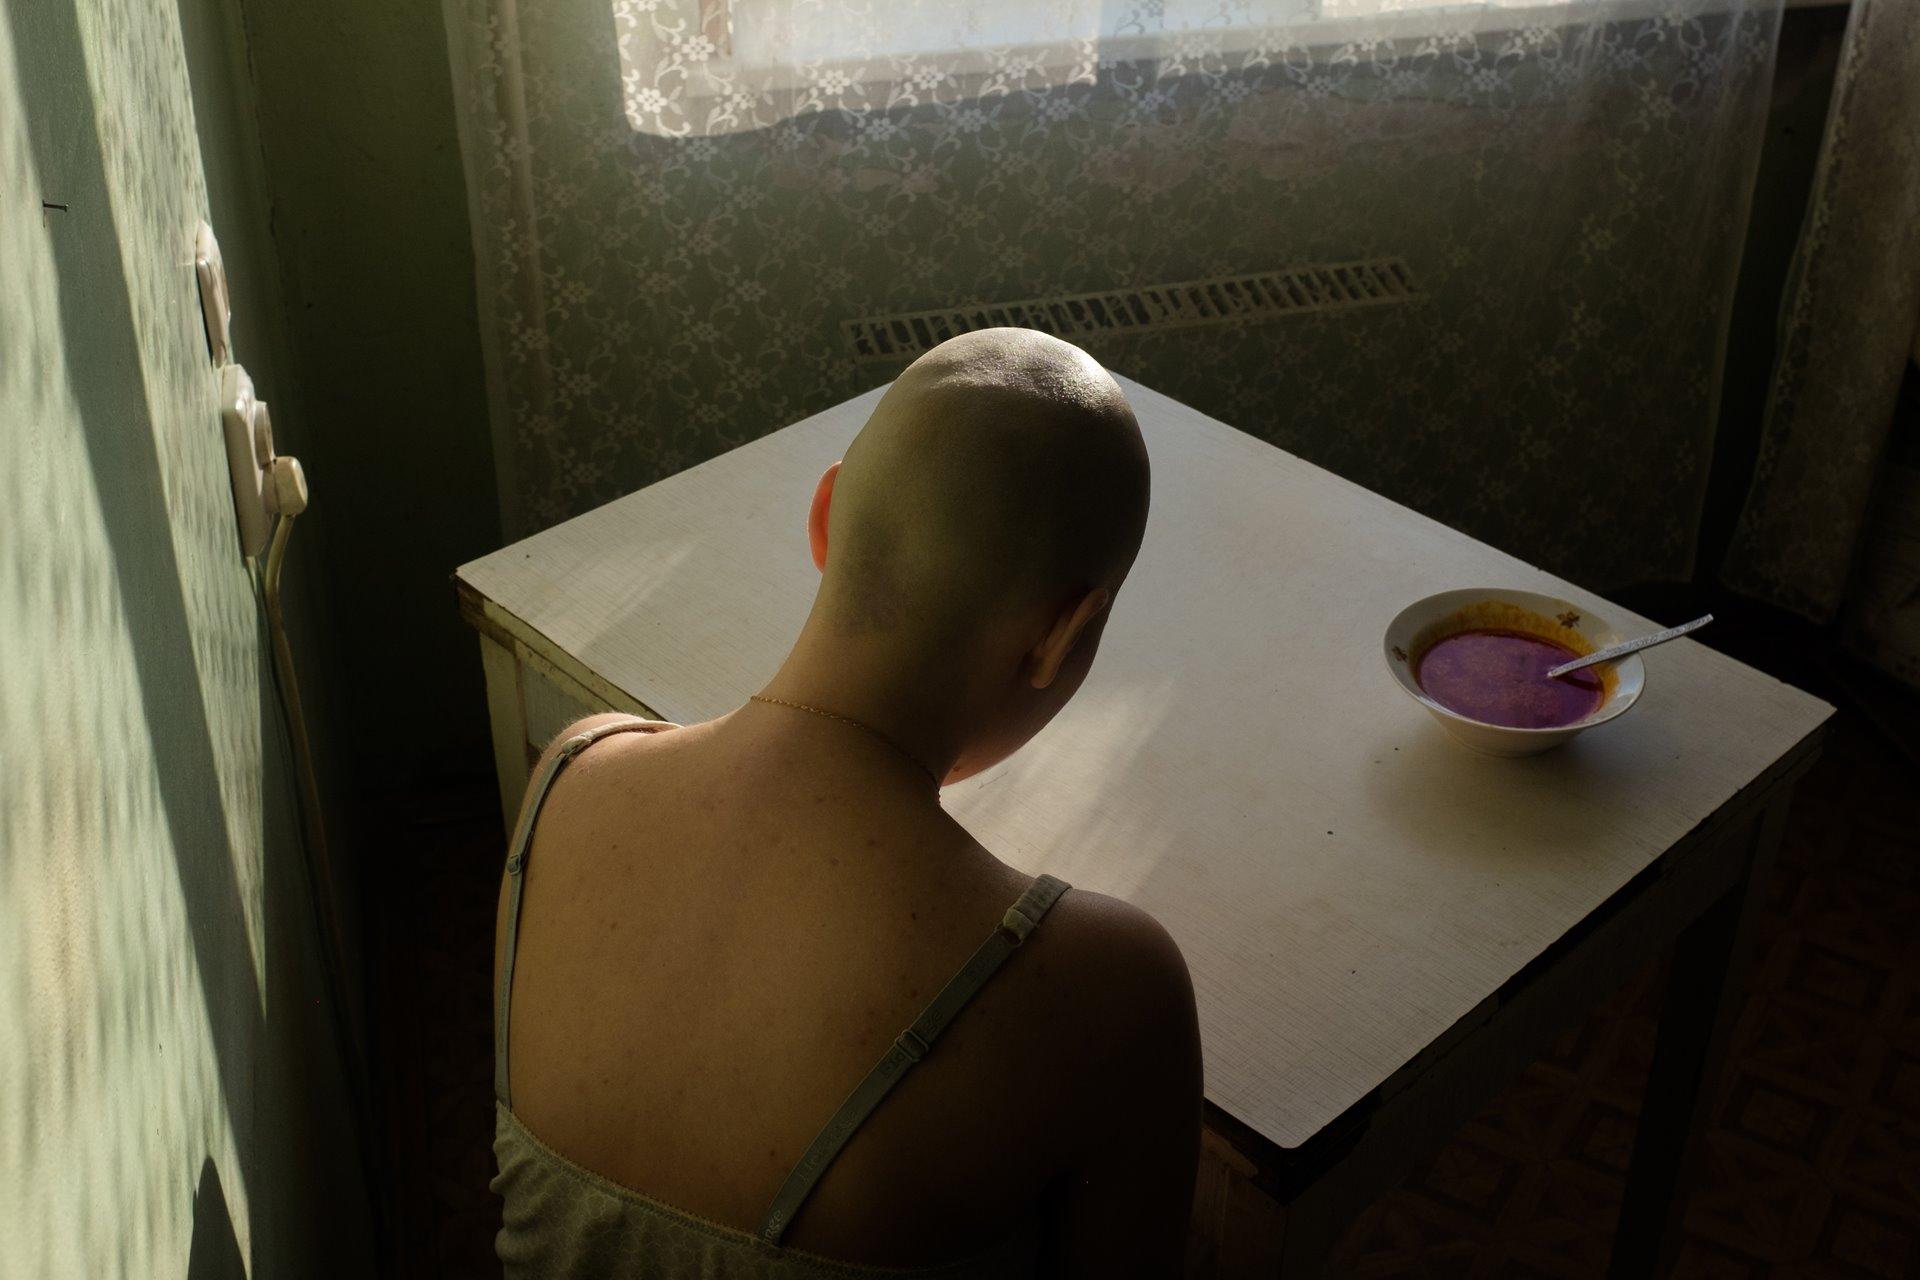 Alonya Kochetkova se sienta en casa sin poder enfrentarse al borscht -sopa de remolacha-, su comida favorita, durante el tratamiento para el cáncer. Kochetkova tomó este autorretrato después de la cirugía y la quimioterapia, cuando, aunque sabía la importancia vital de los alimentos, luchaba por comer / Foto: Alonya Kochetkova